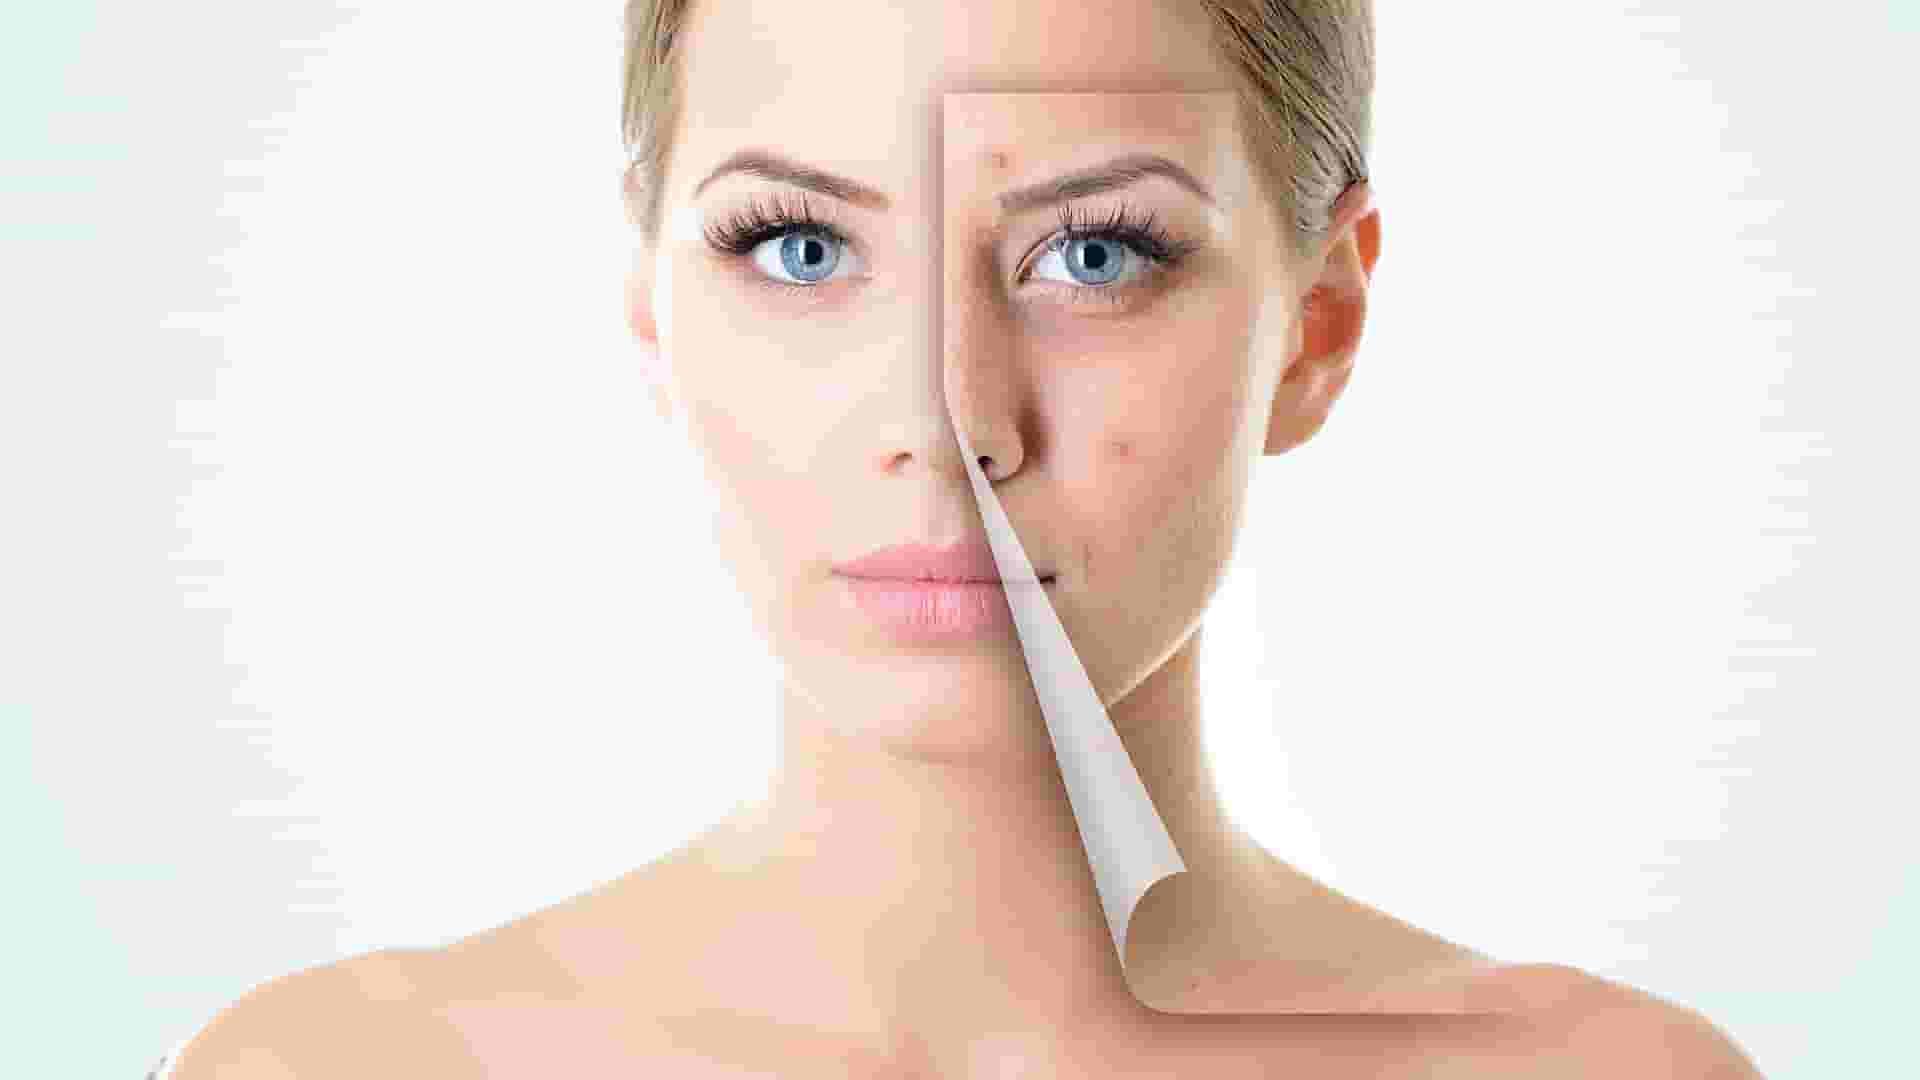 symptoms of Vitiligo